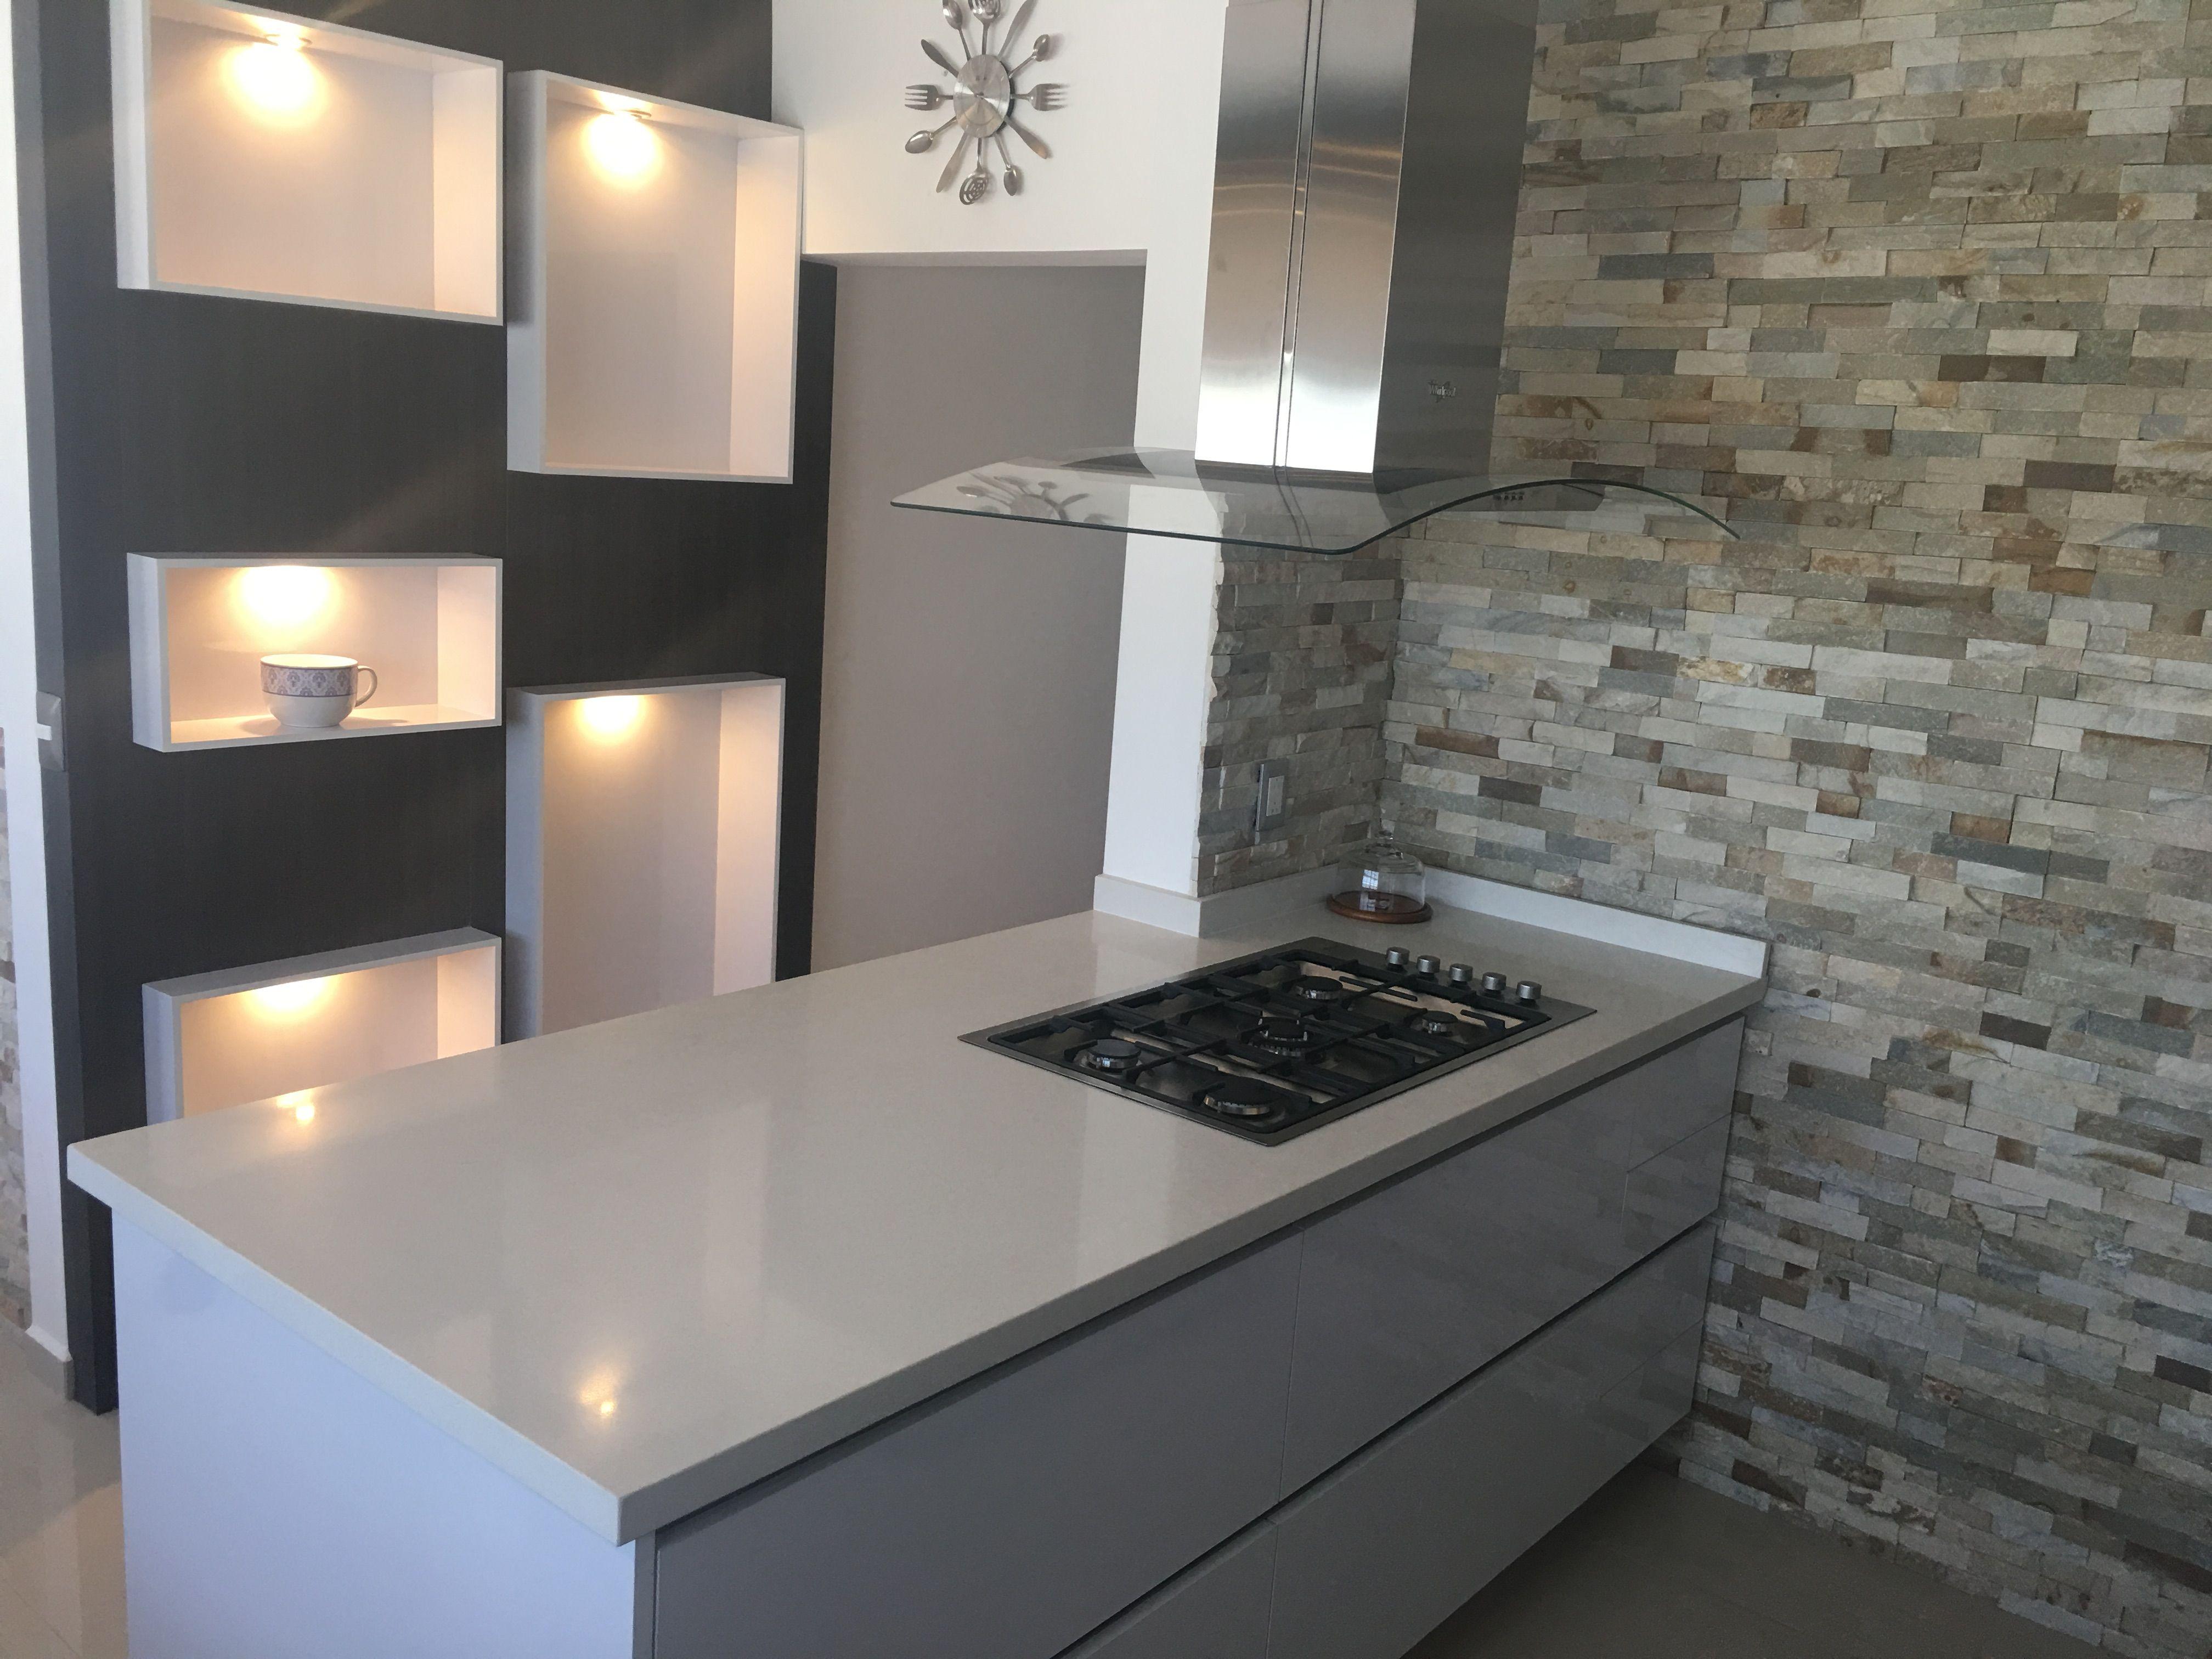 Hermosa combinaci n de texturas y colores para la for Combinacion de colores para muebles de cocina